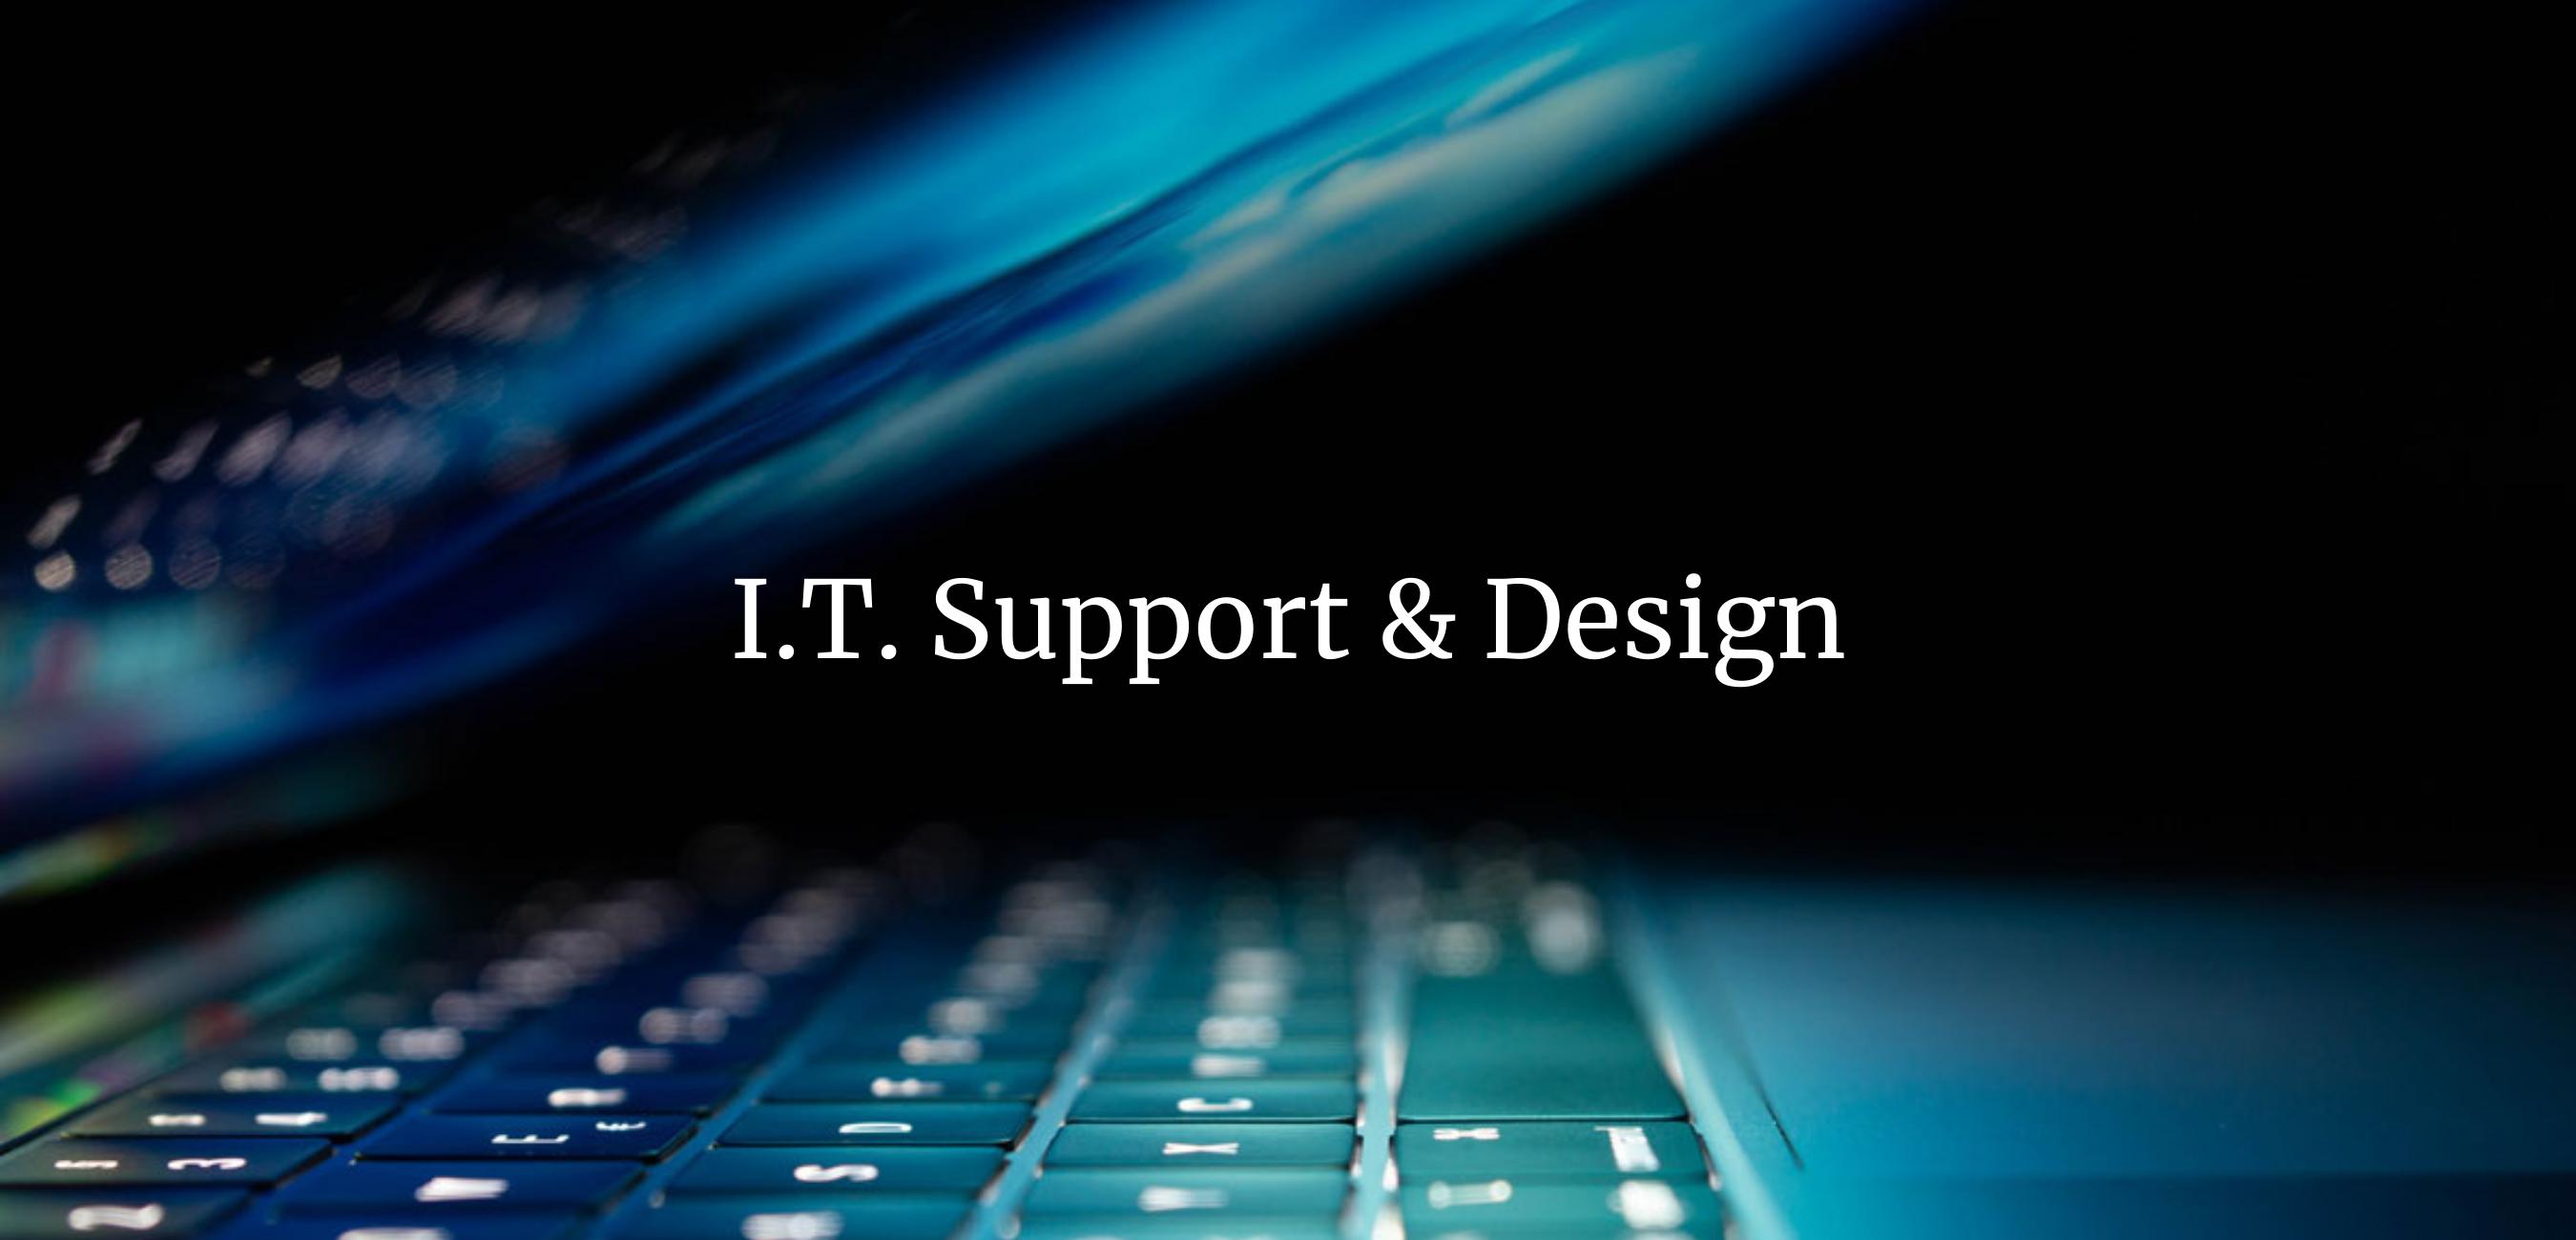 I.T. Support & Design